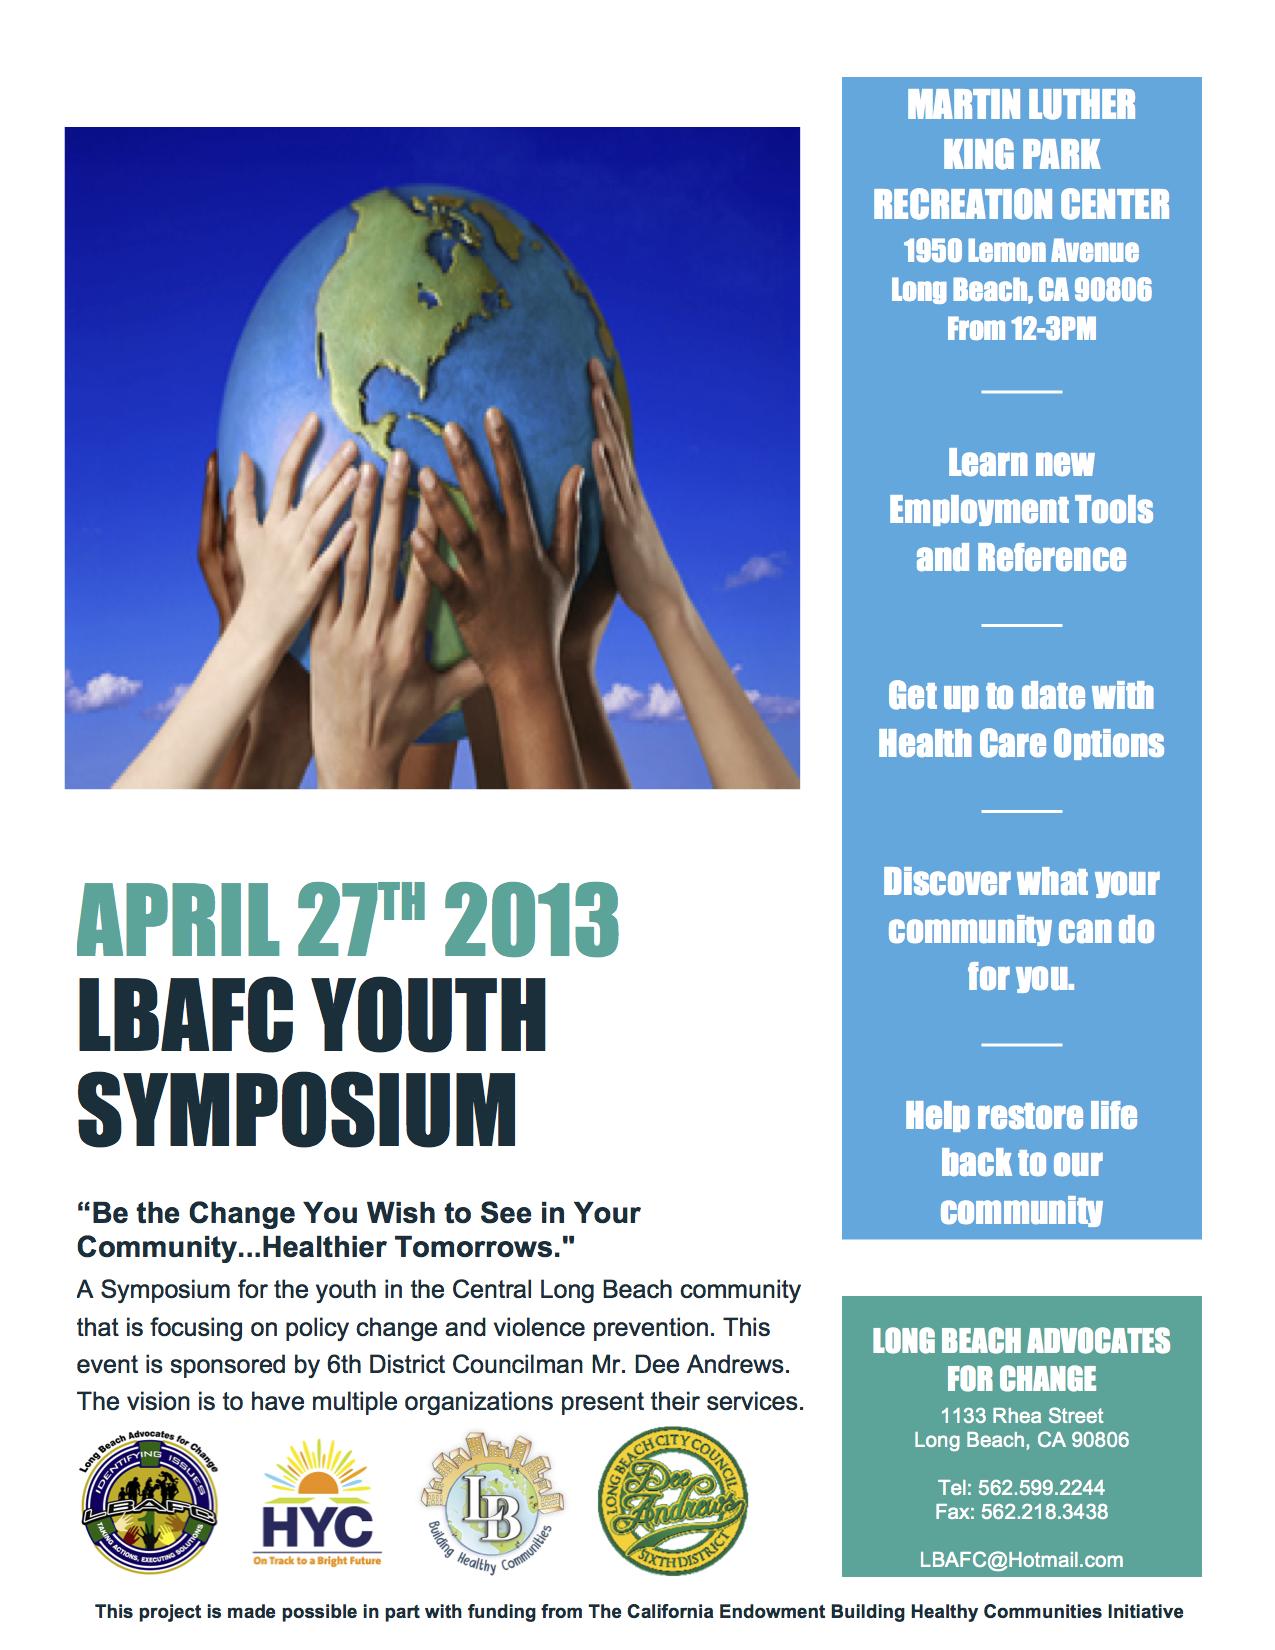 LBAFC Youth Symposium